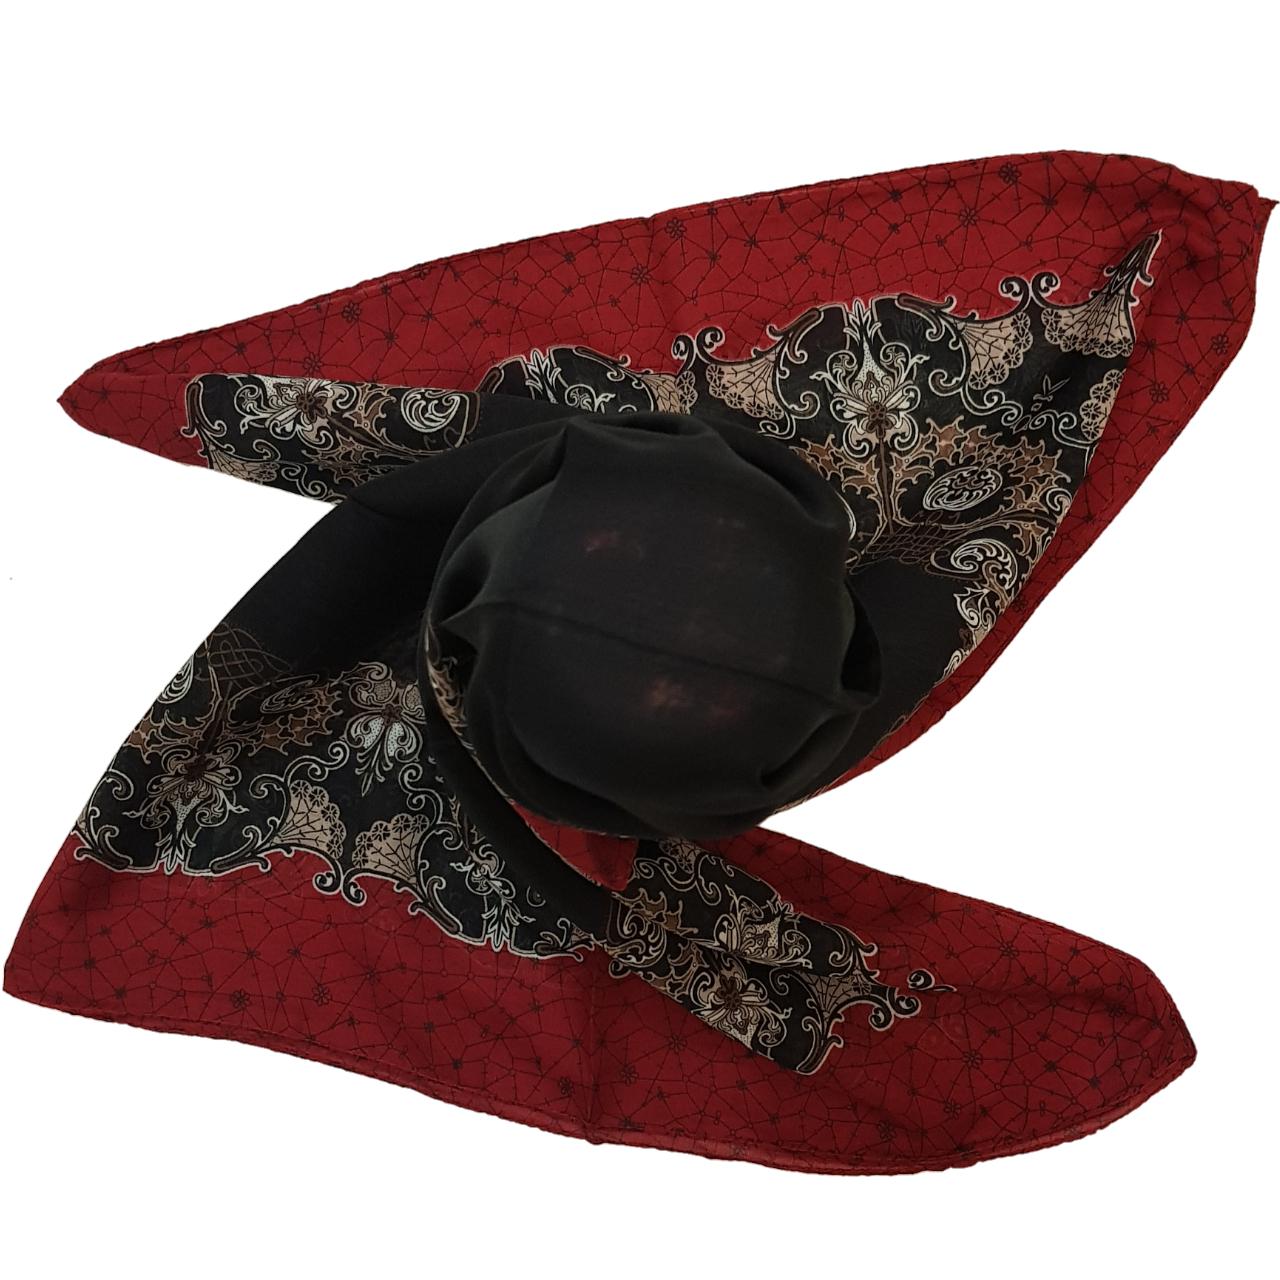 روسری ازگی طرح سنتی کد RM95172